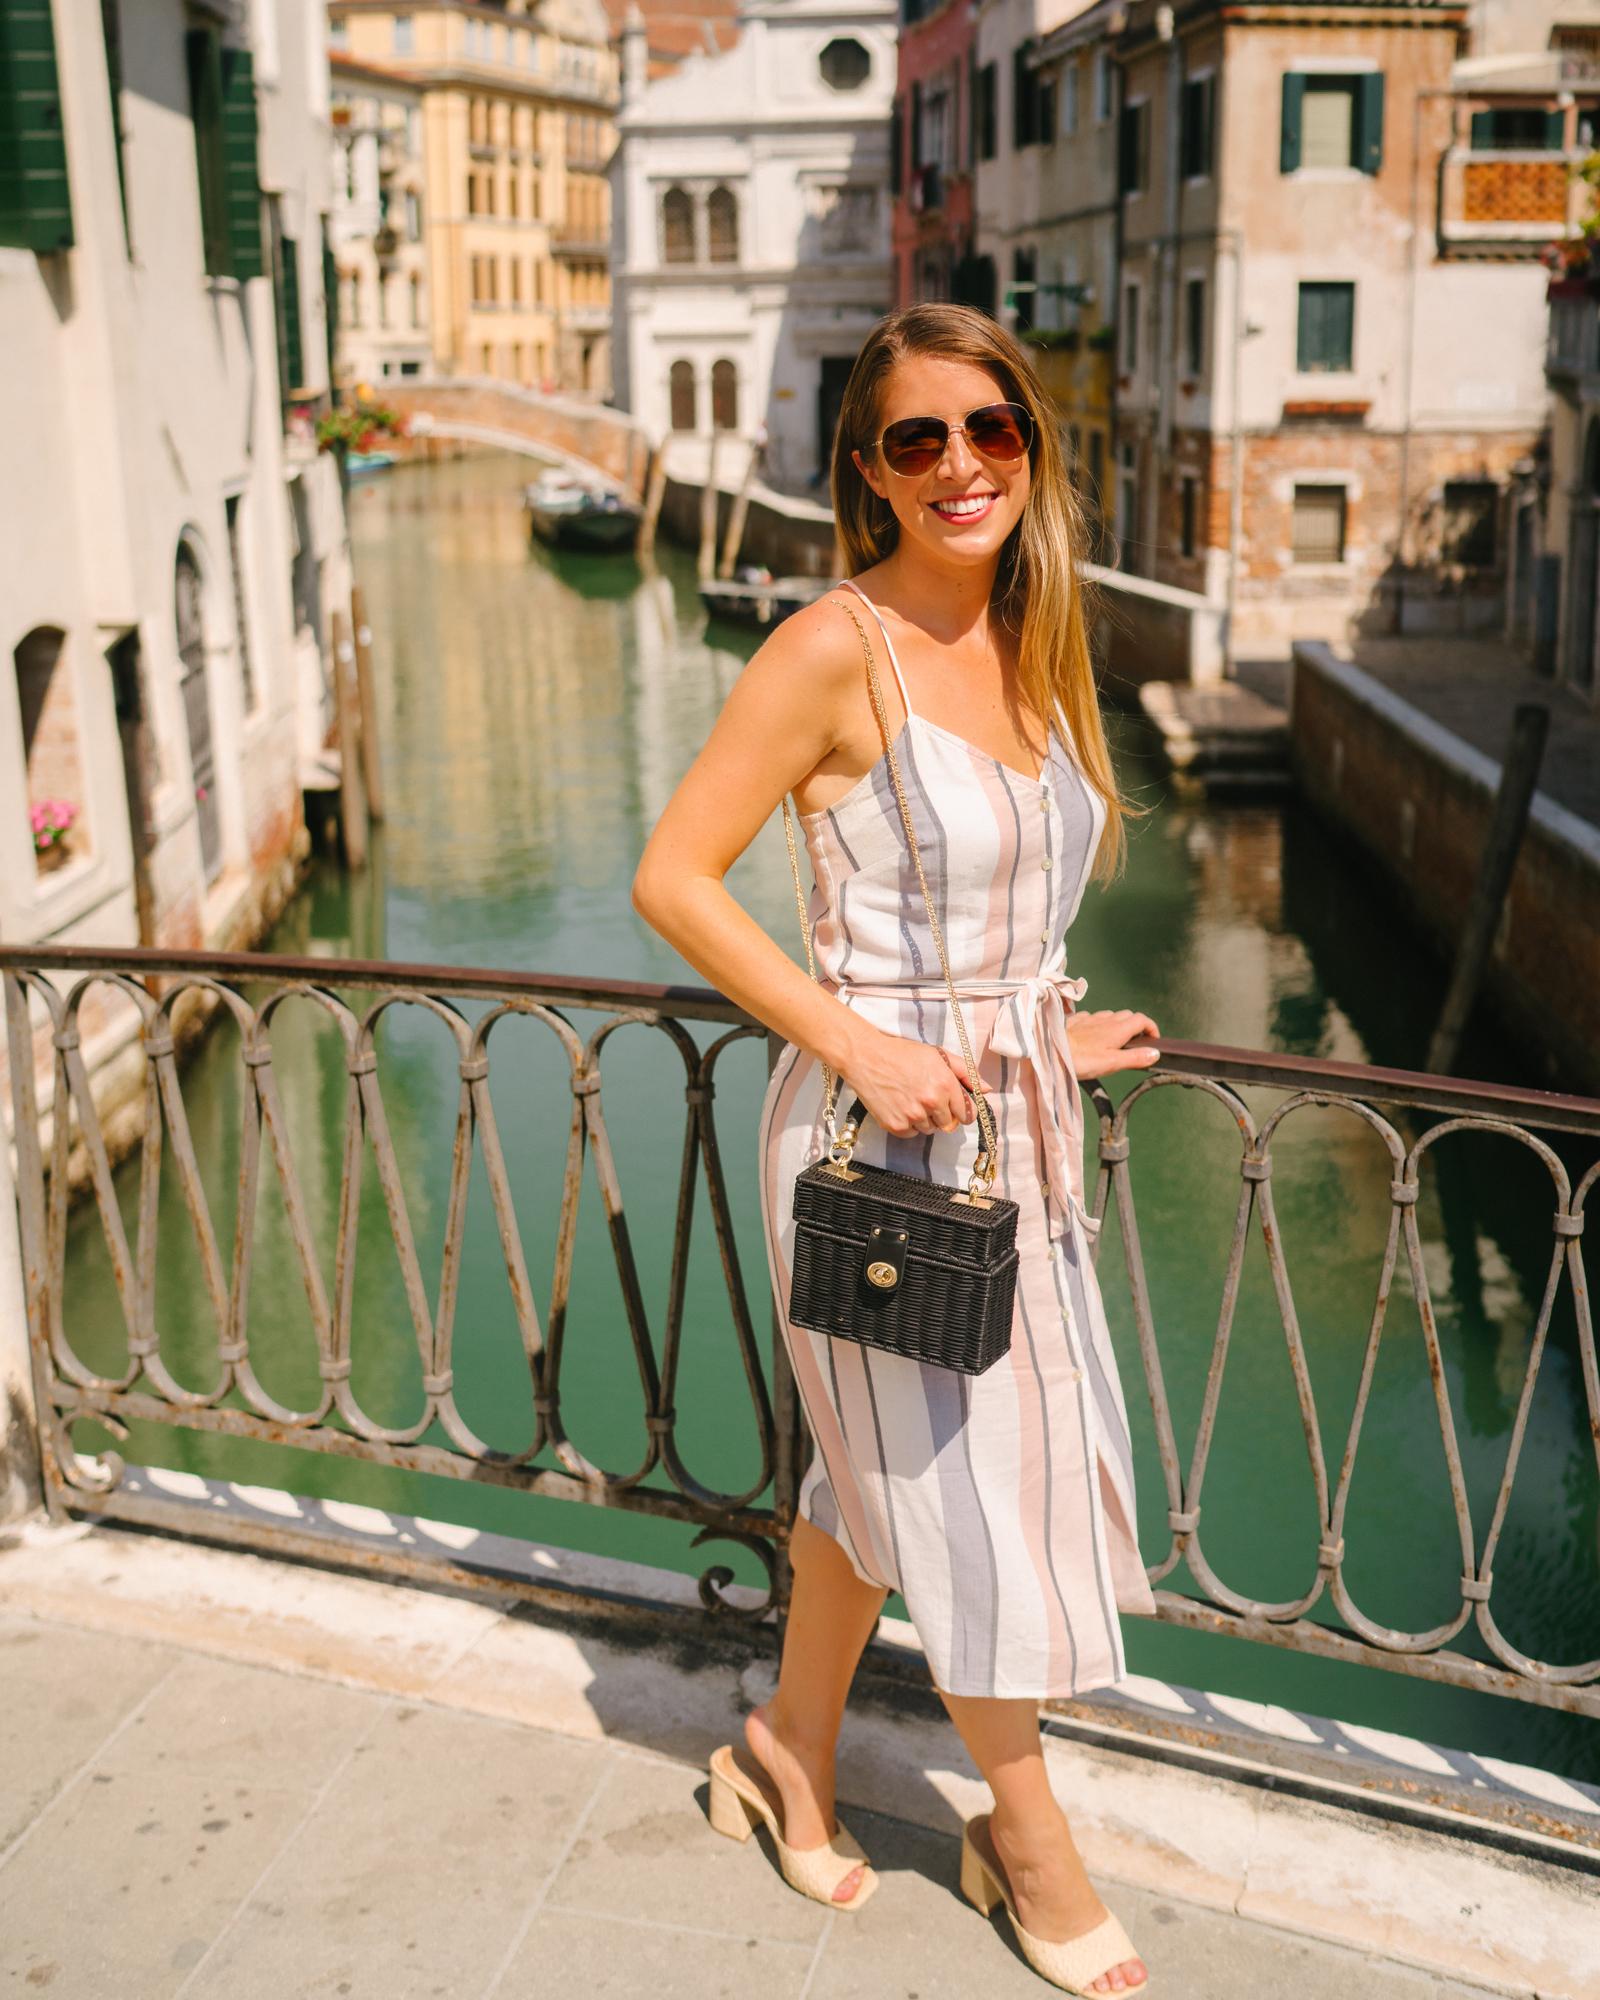 Venice Italy Travel Itinerary